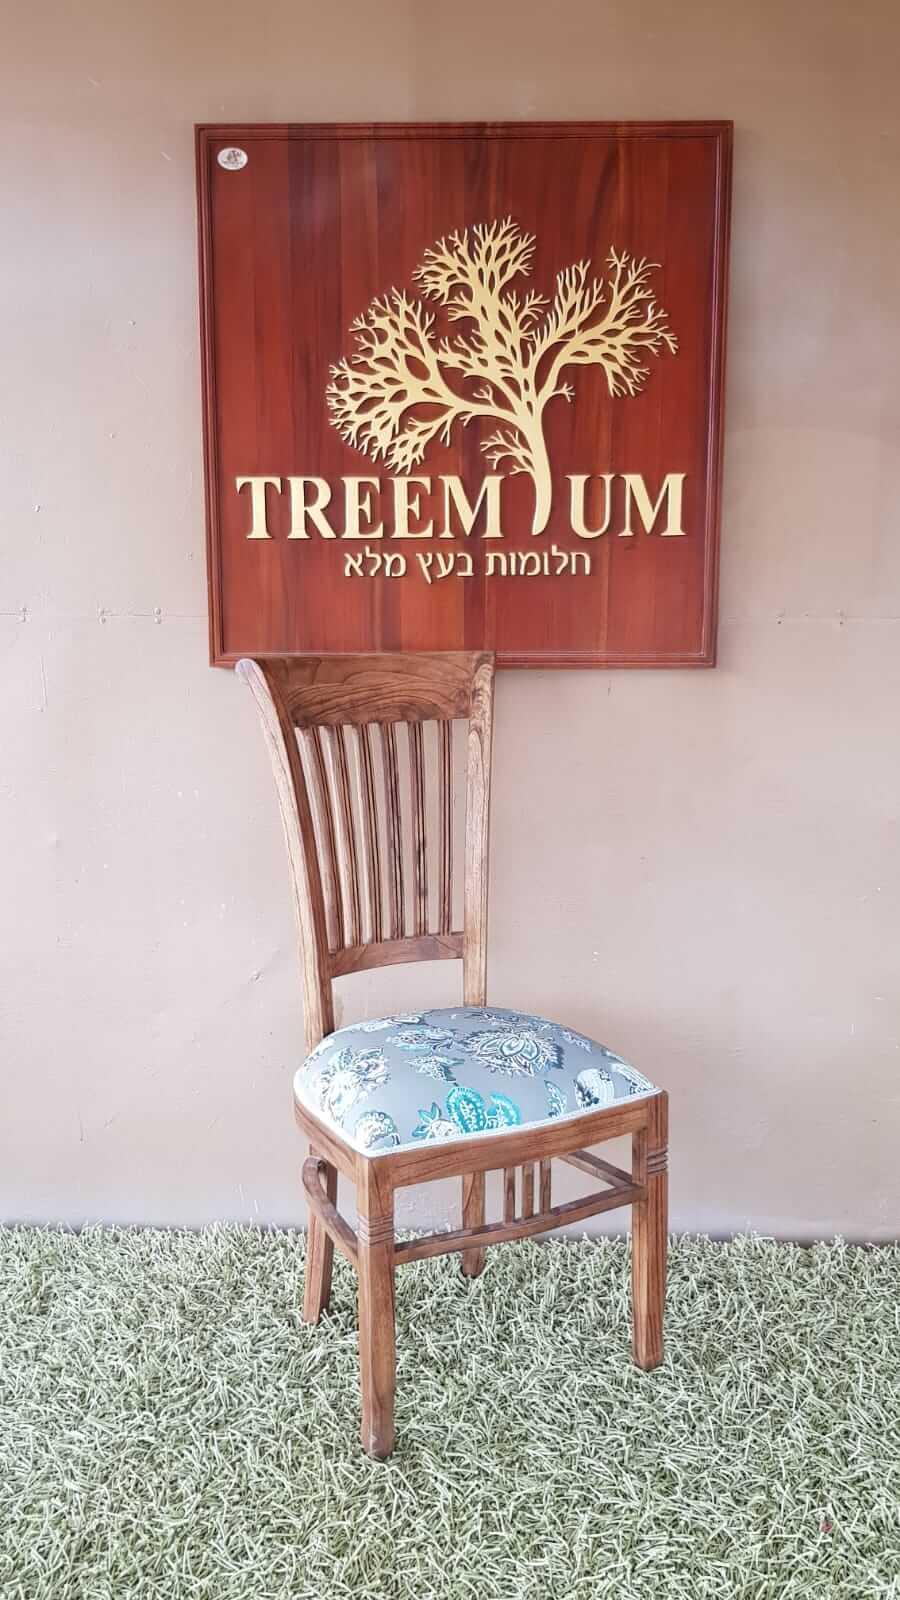 f&c_new_treemium_(1)